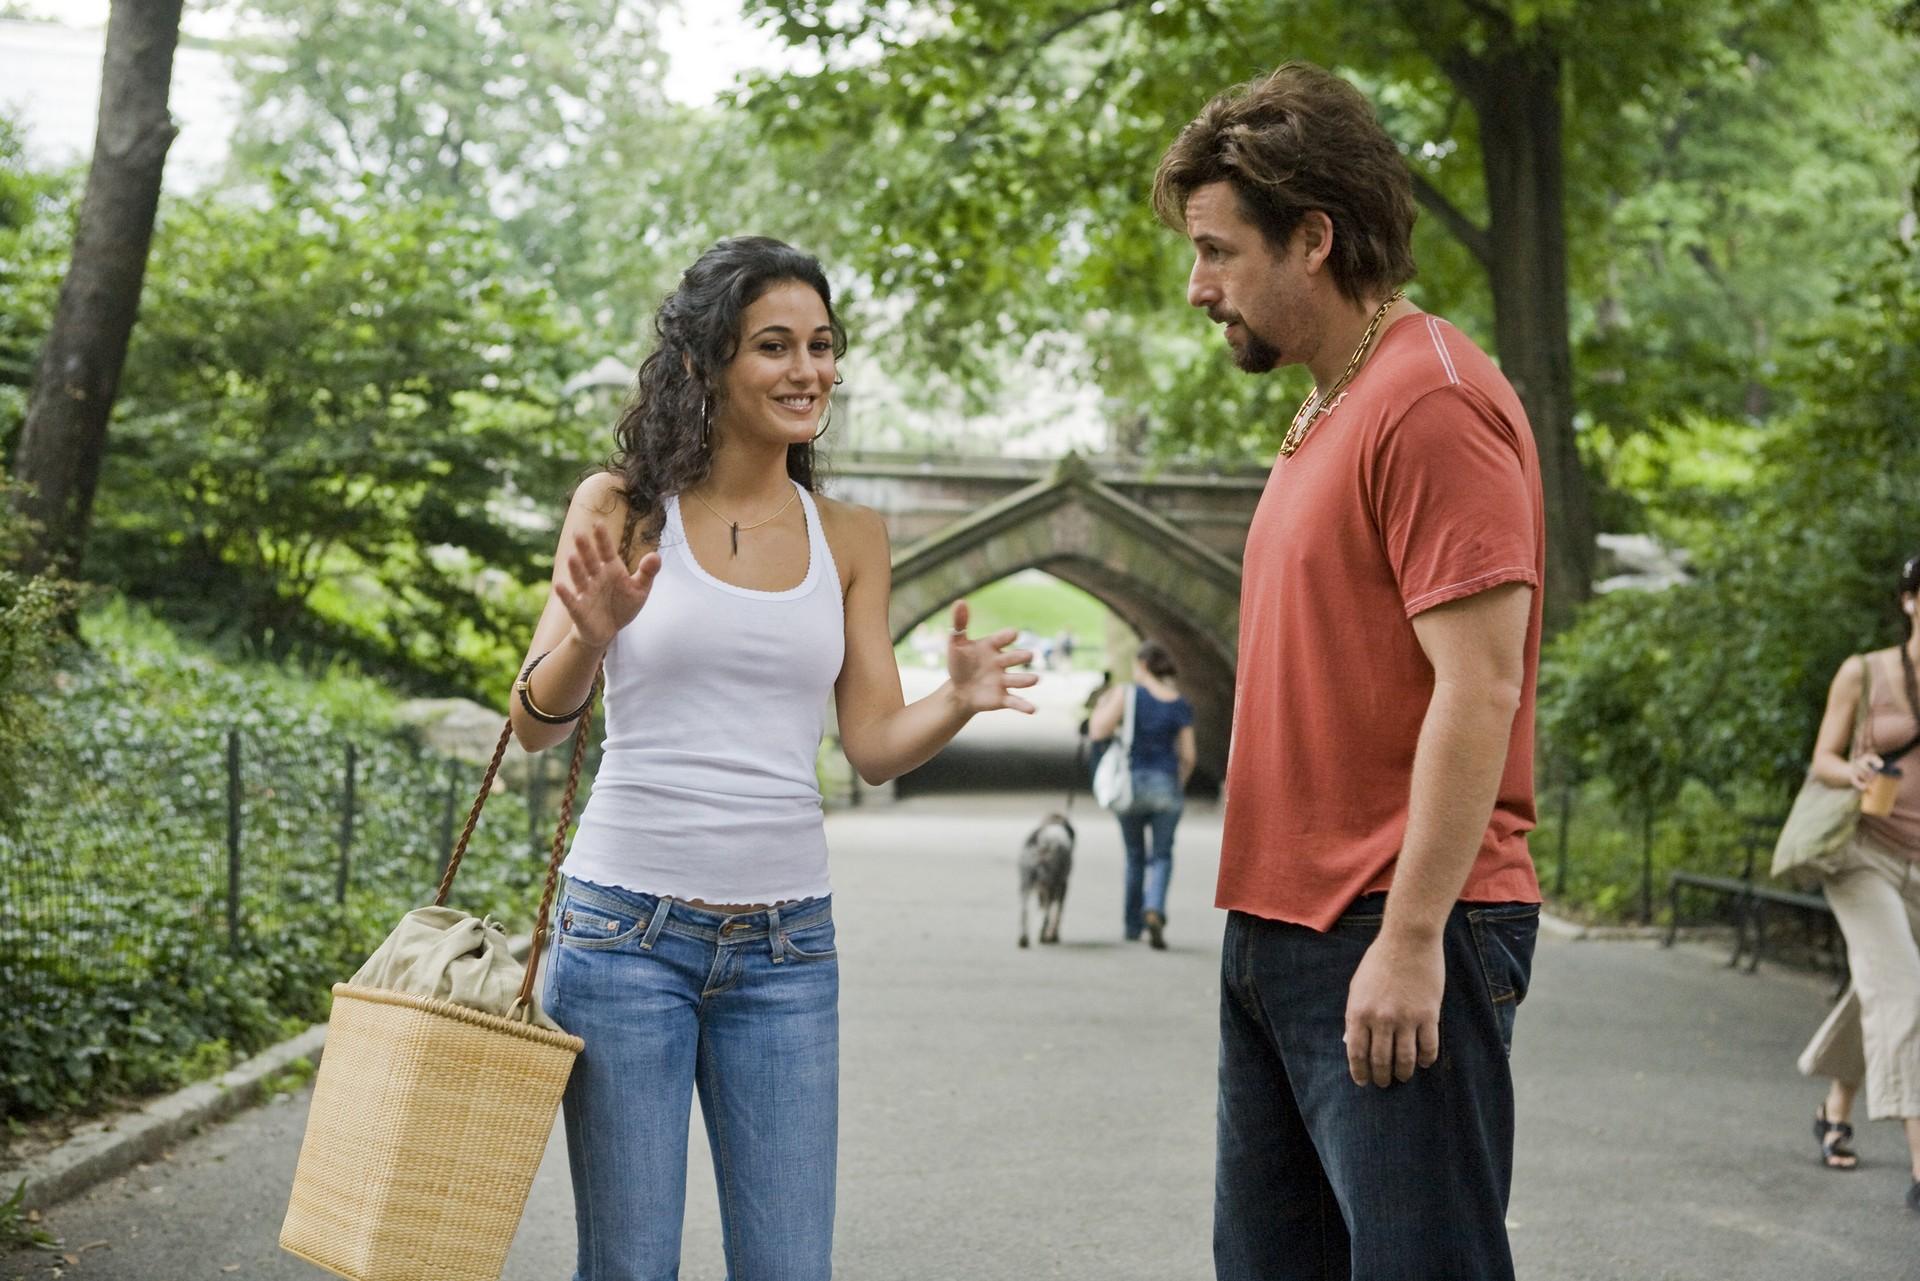 Девушка говорит с парнем на улице